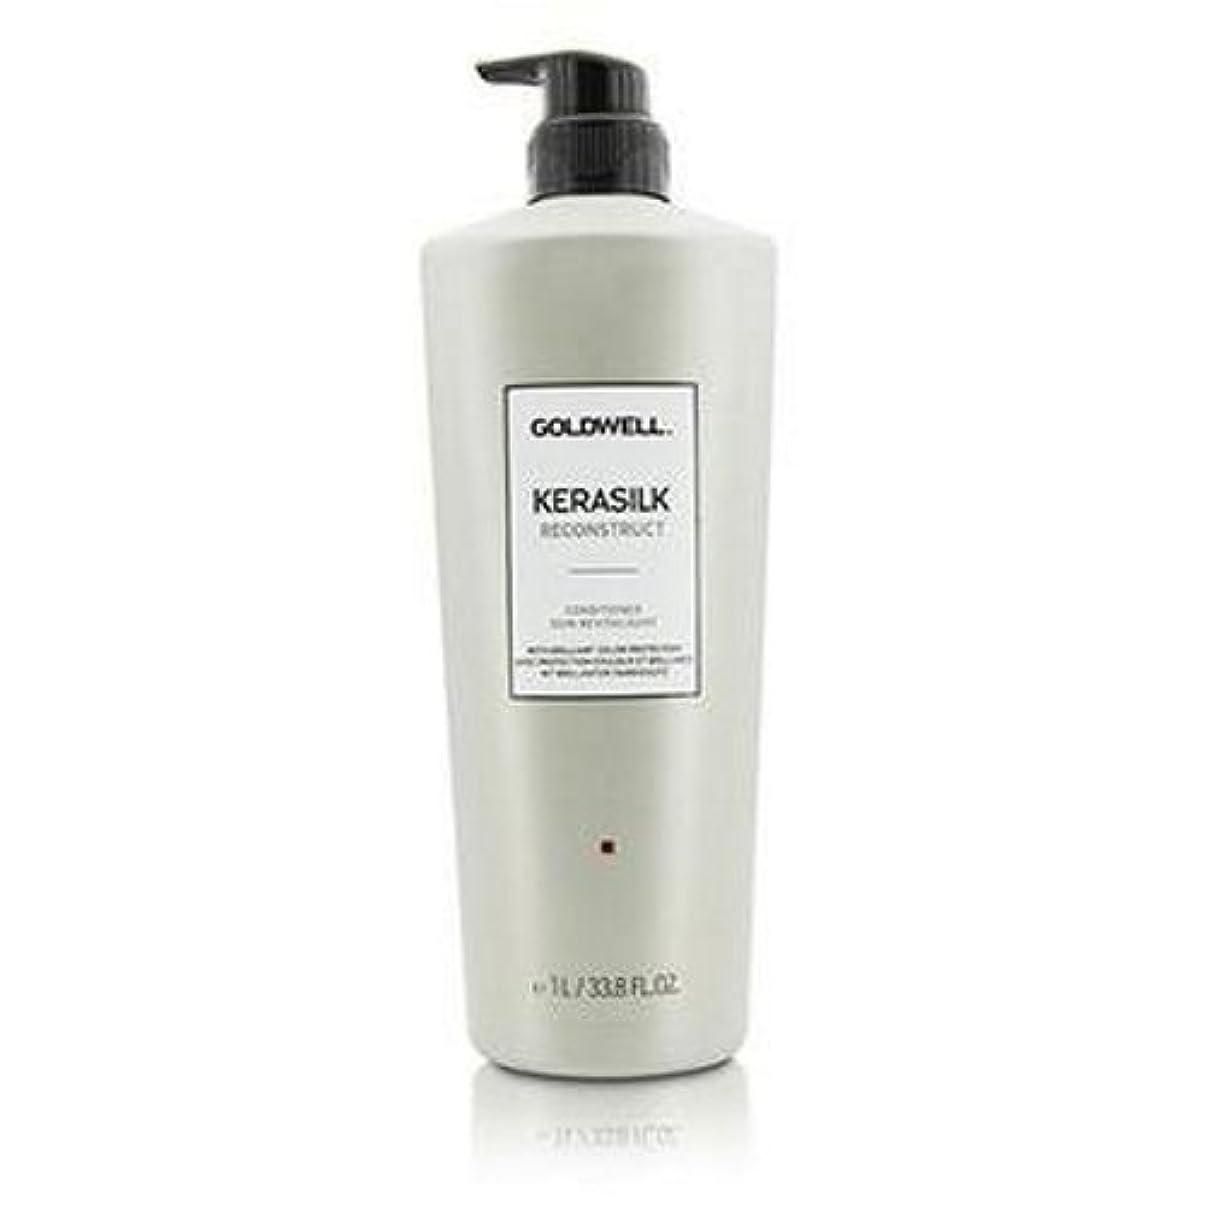 シェーバーデコレーション細胞ゴールドウェル Kerasilk Reconstruct Conditioner (For Stressed and Damaged Hair) 1000ml